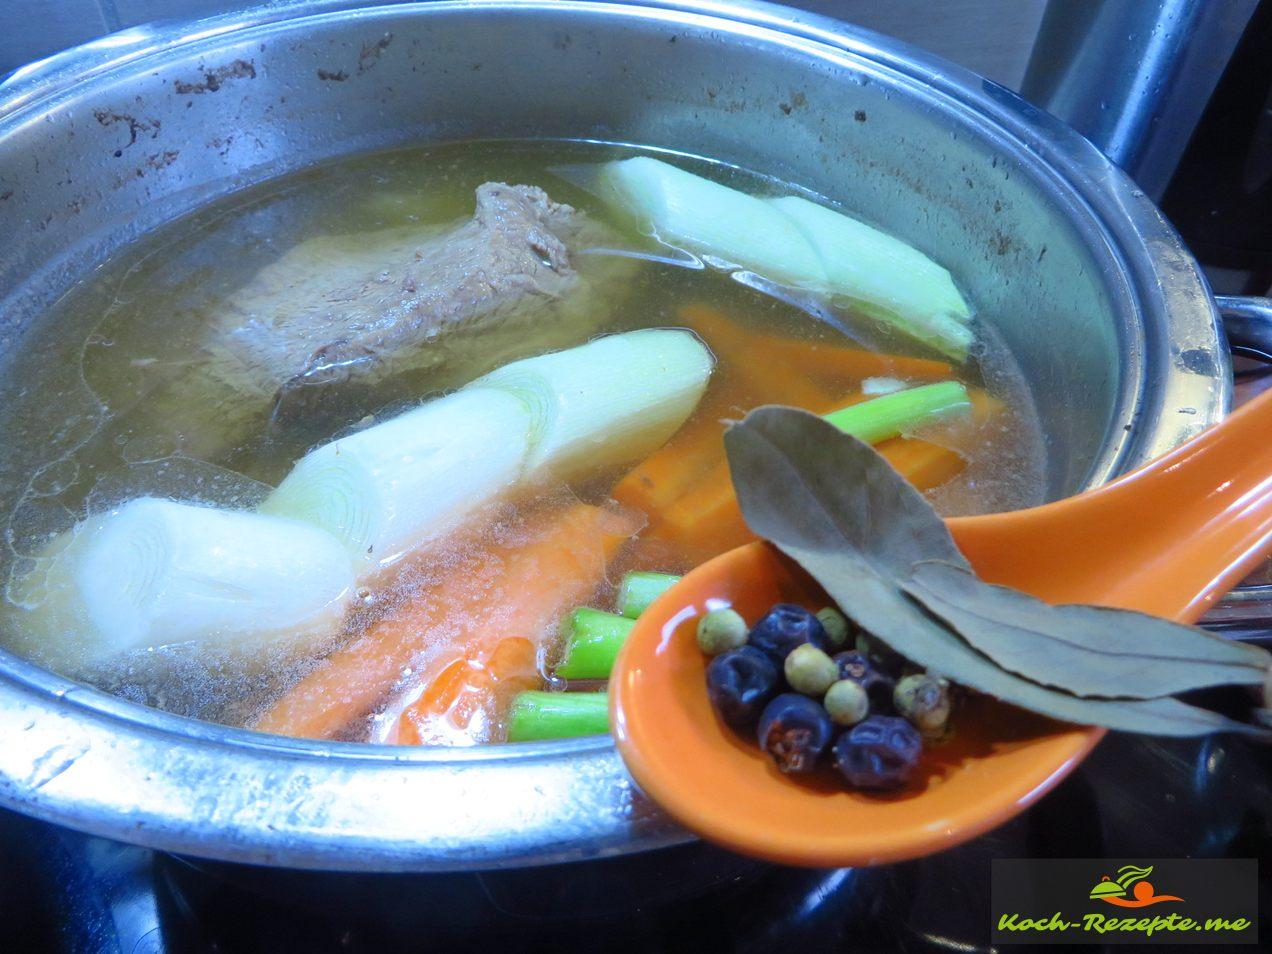 Tafelspitz Rindfleisch Suppe mit Gemüse und Gewürze: Lorbeerblätter, Wacholderbeeren und Pfefferkörner